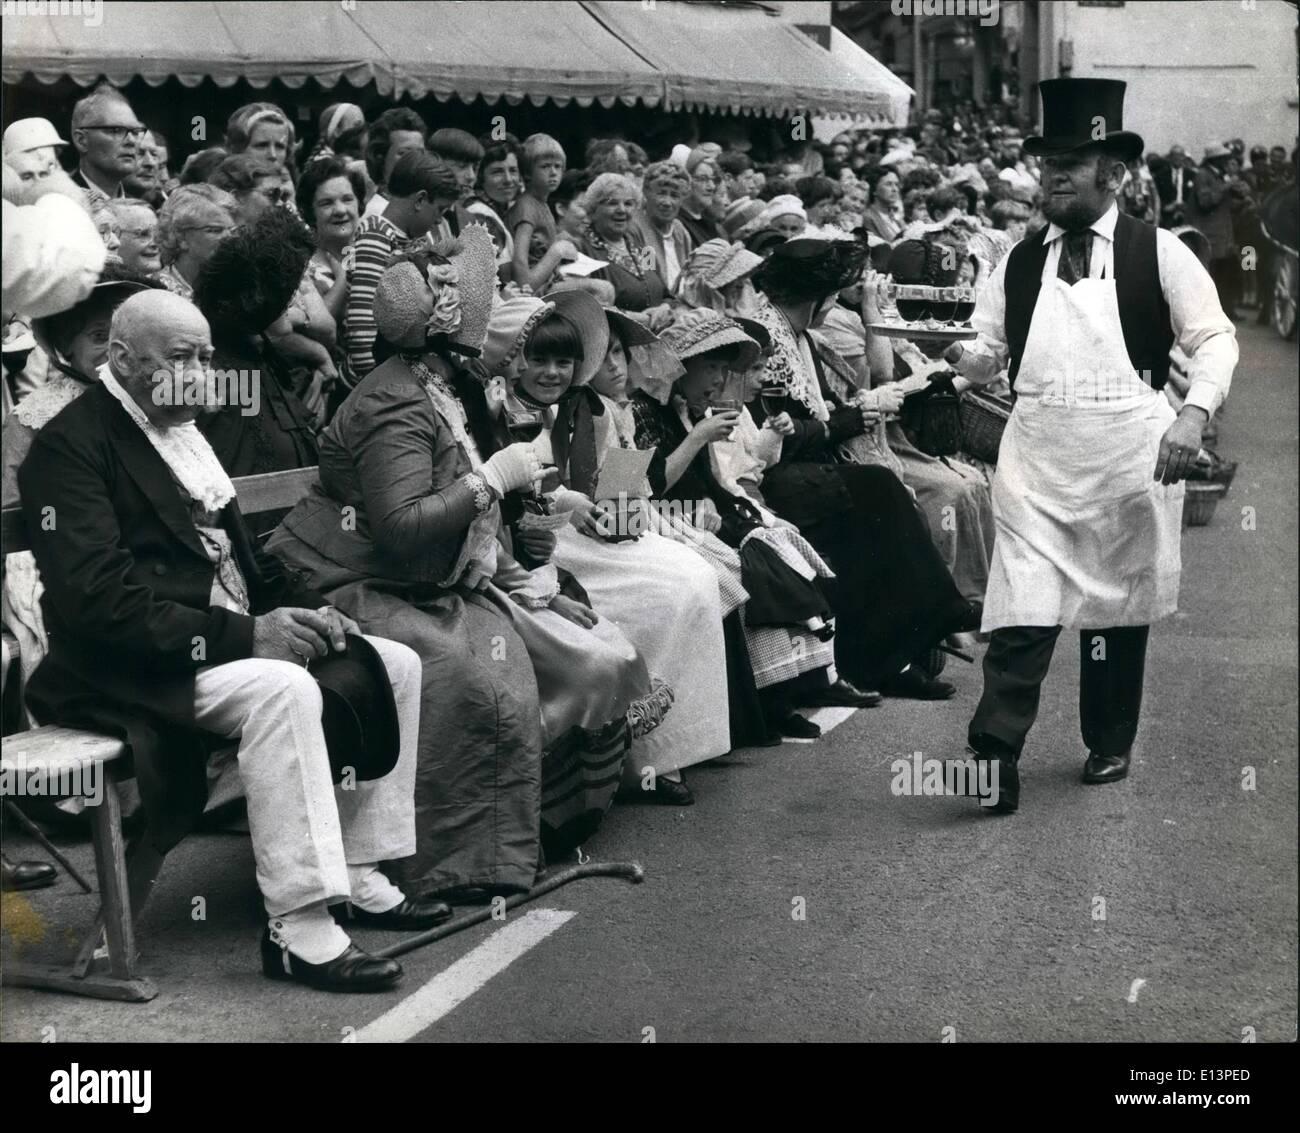 Martes 22 de marzo, 2012 - Local Colin McCathie comerciante de vinos, en Regency vestido, sirve vino a los espectadores, la muchedumbre en el tradicional vestido de Guernsey. Imagen De Stock